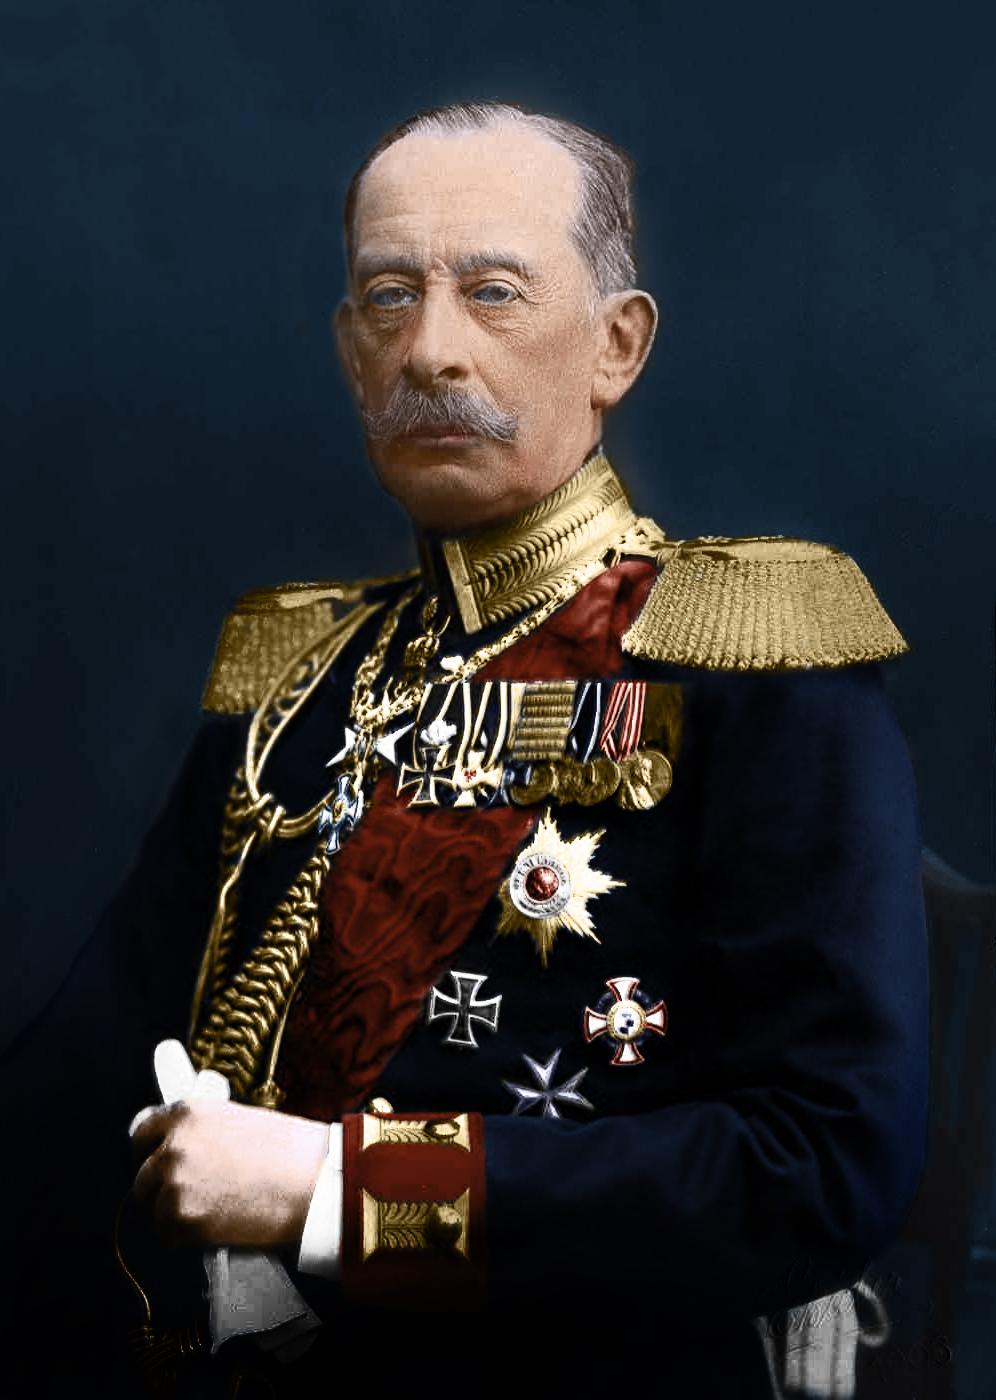 A korpusie kadetów Manstein miał okazję podziwiać między innymi feldmarszałka von Schlieffena.